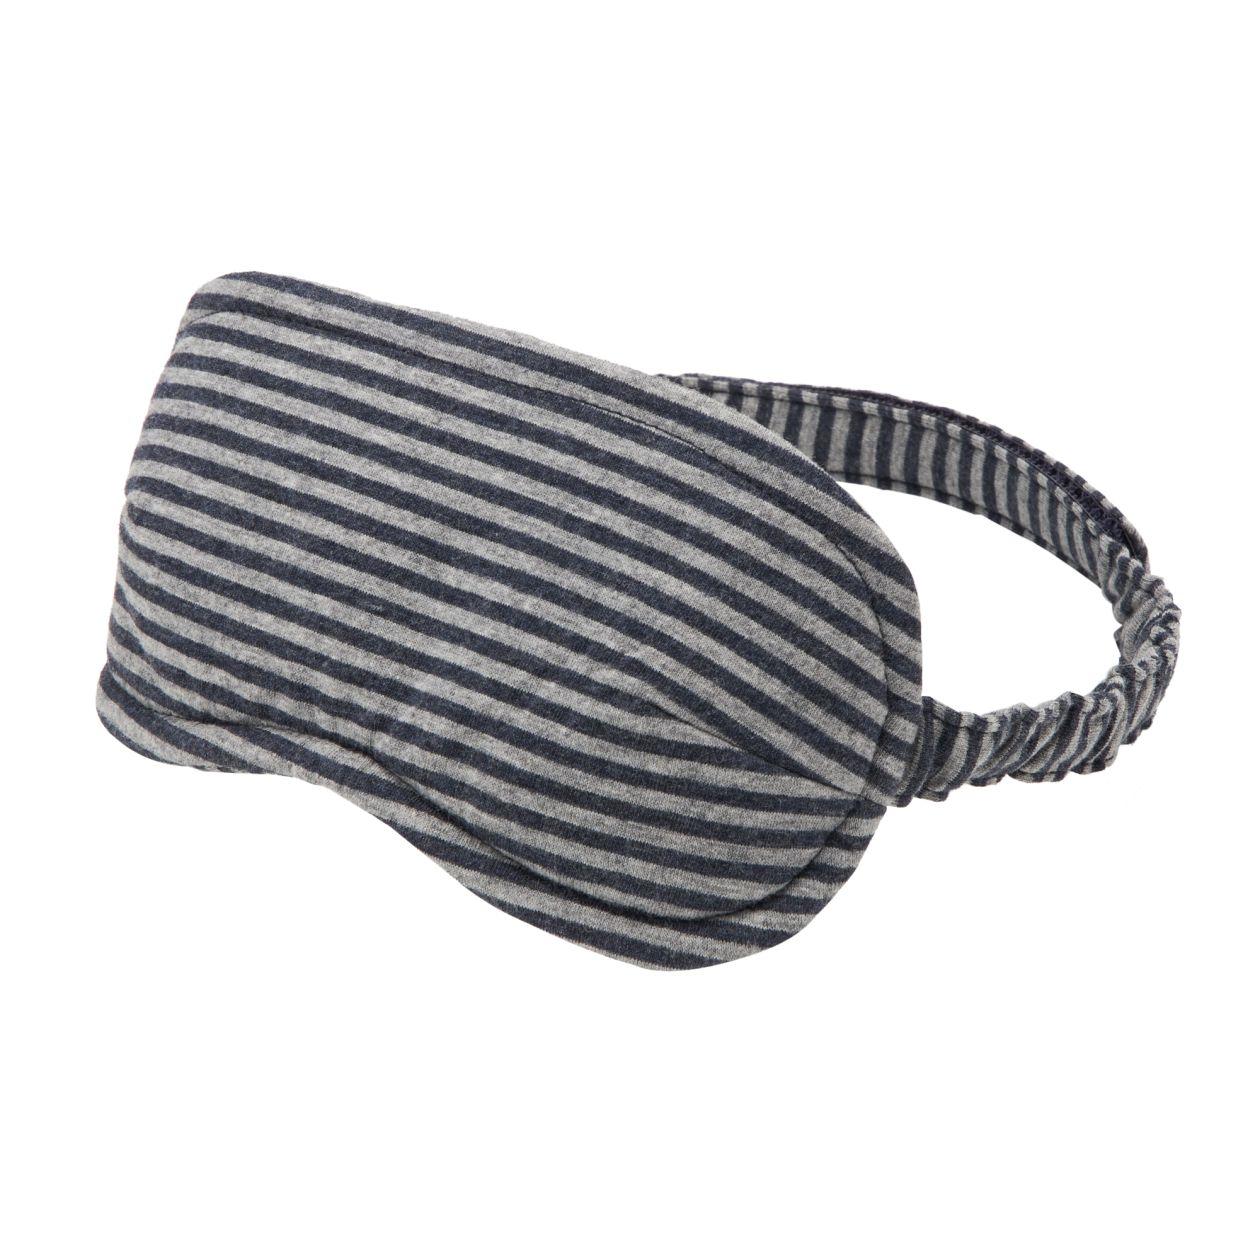 綿天竺携帯用アイマスク